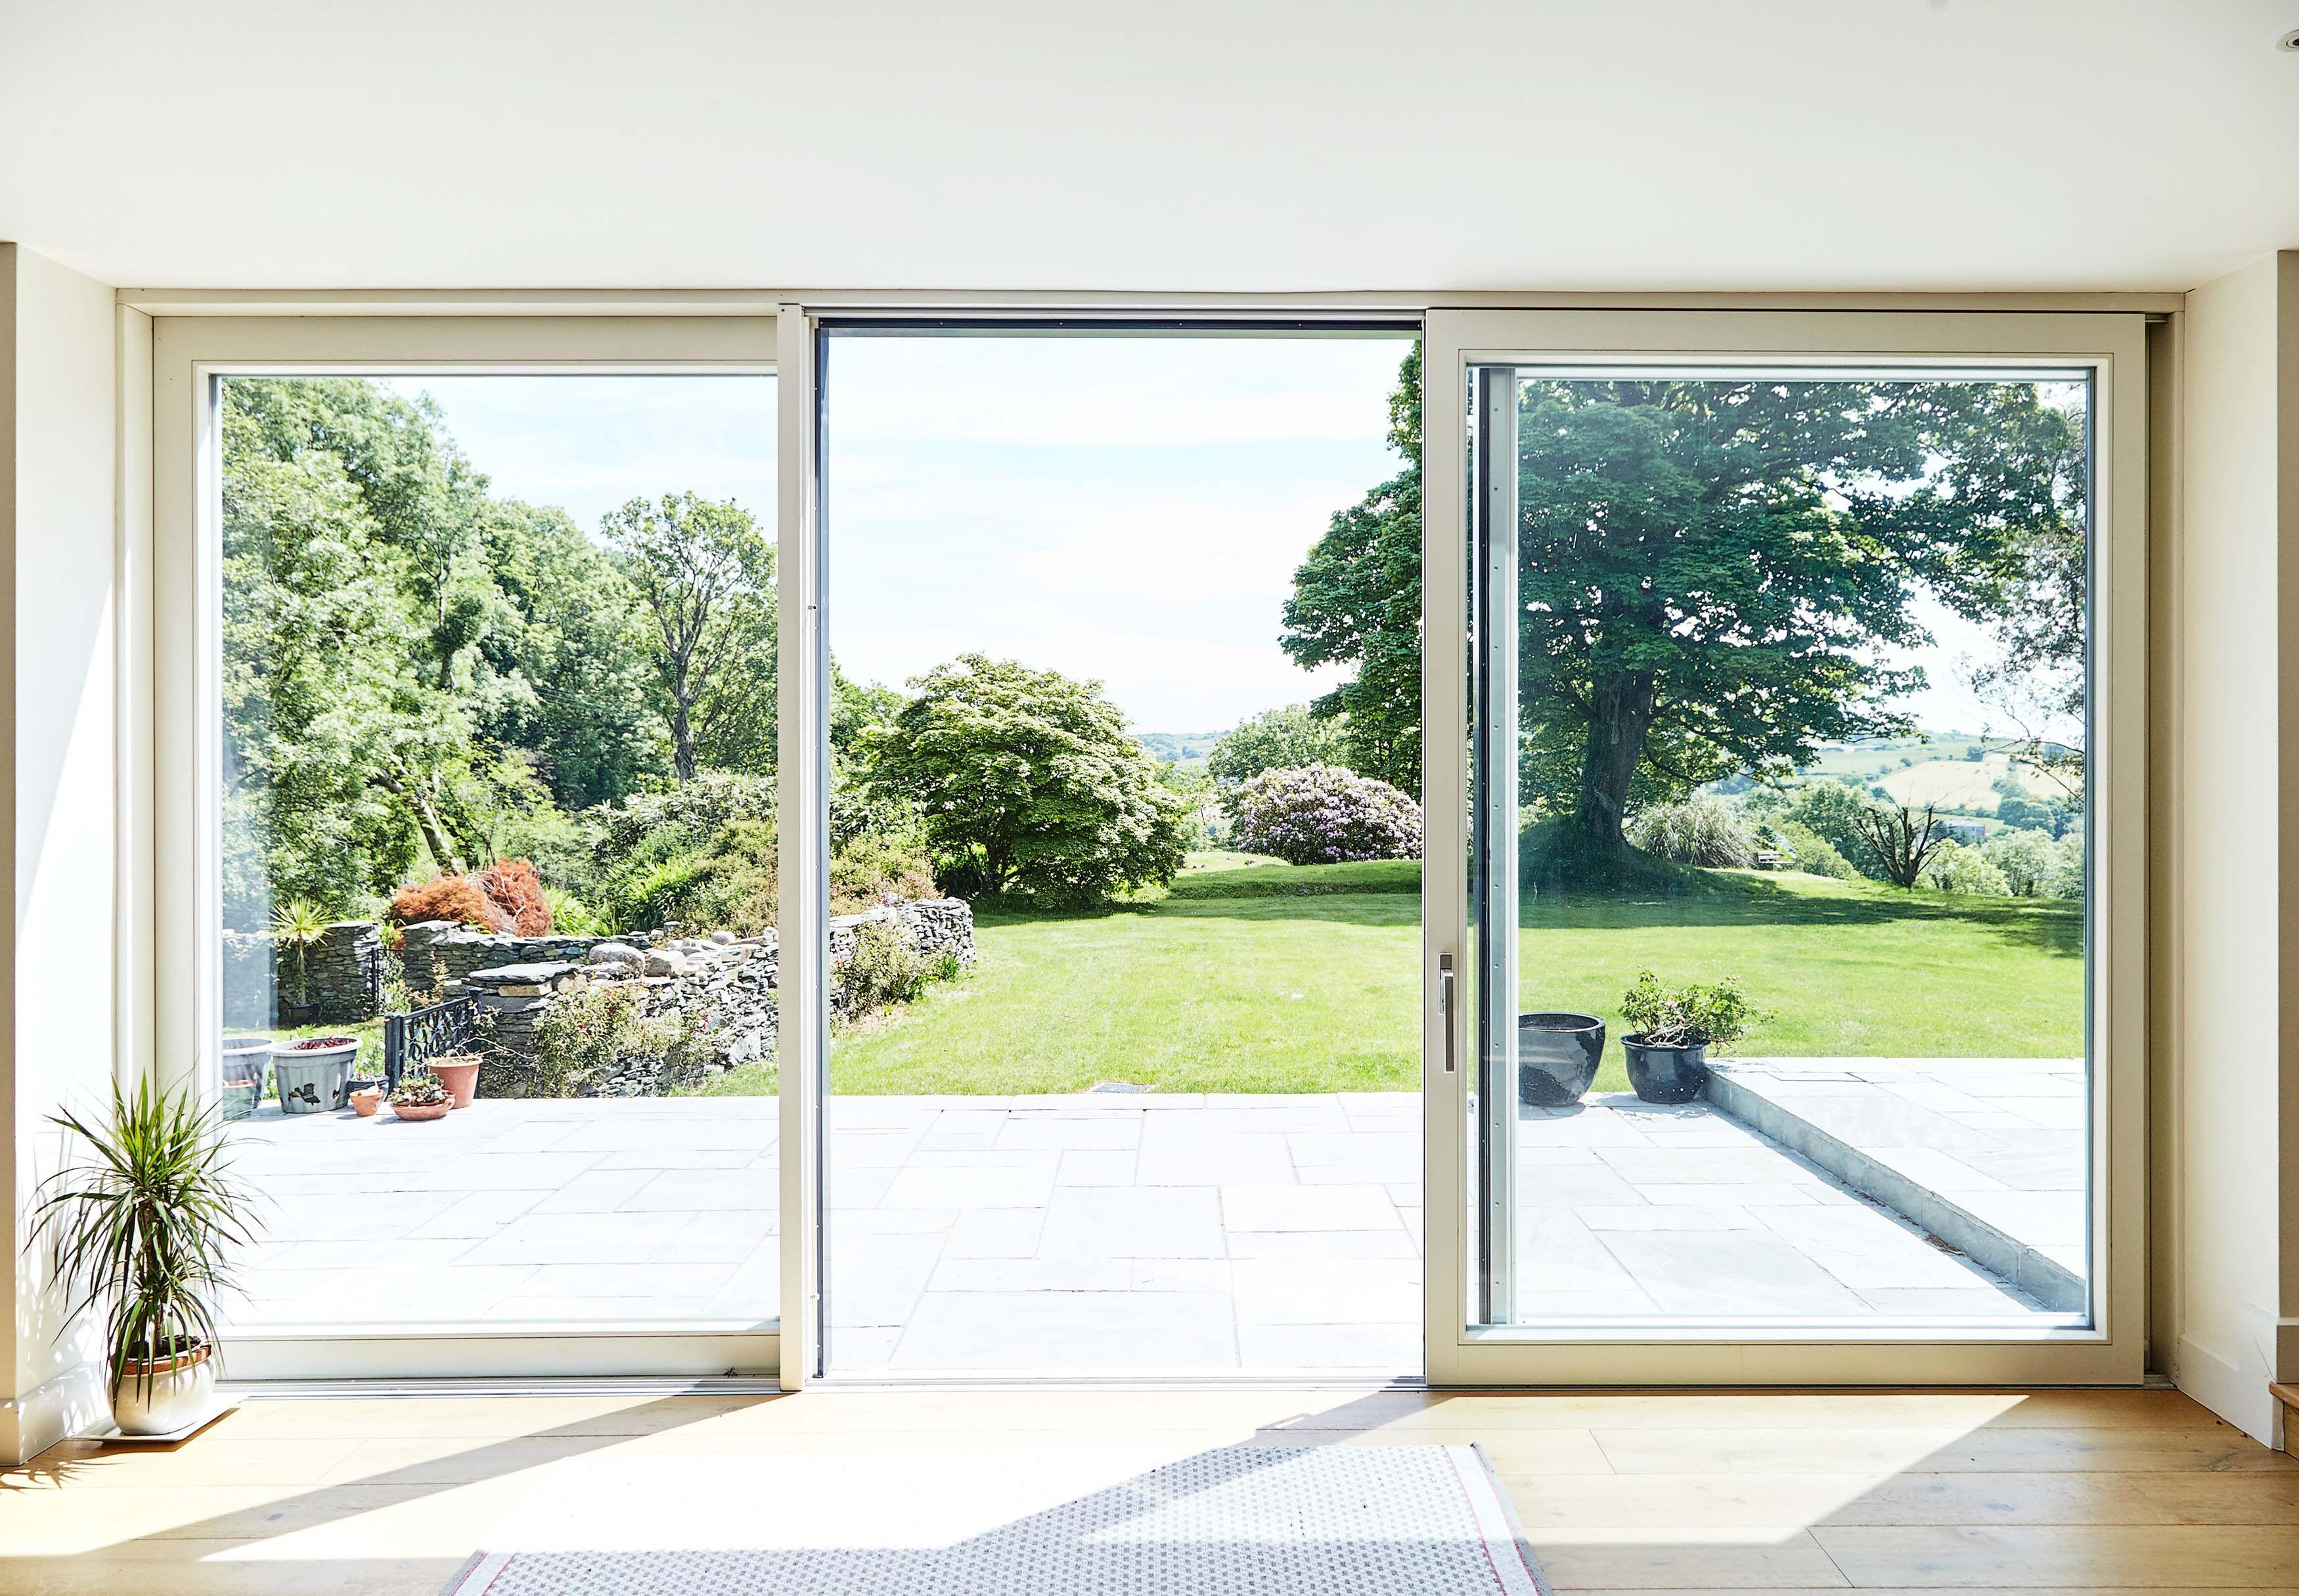 Open 3 Panel Lift Slide Door Aluclad Windows Aluminium Sliding Doors Windows And Doors